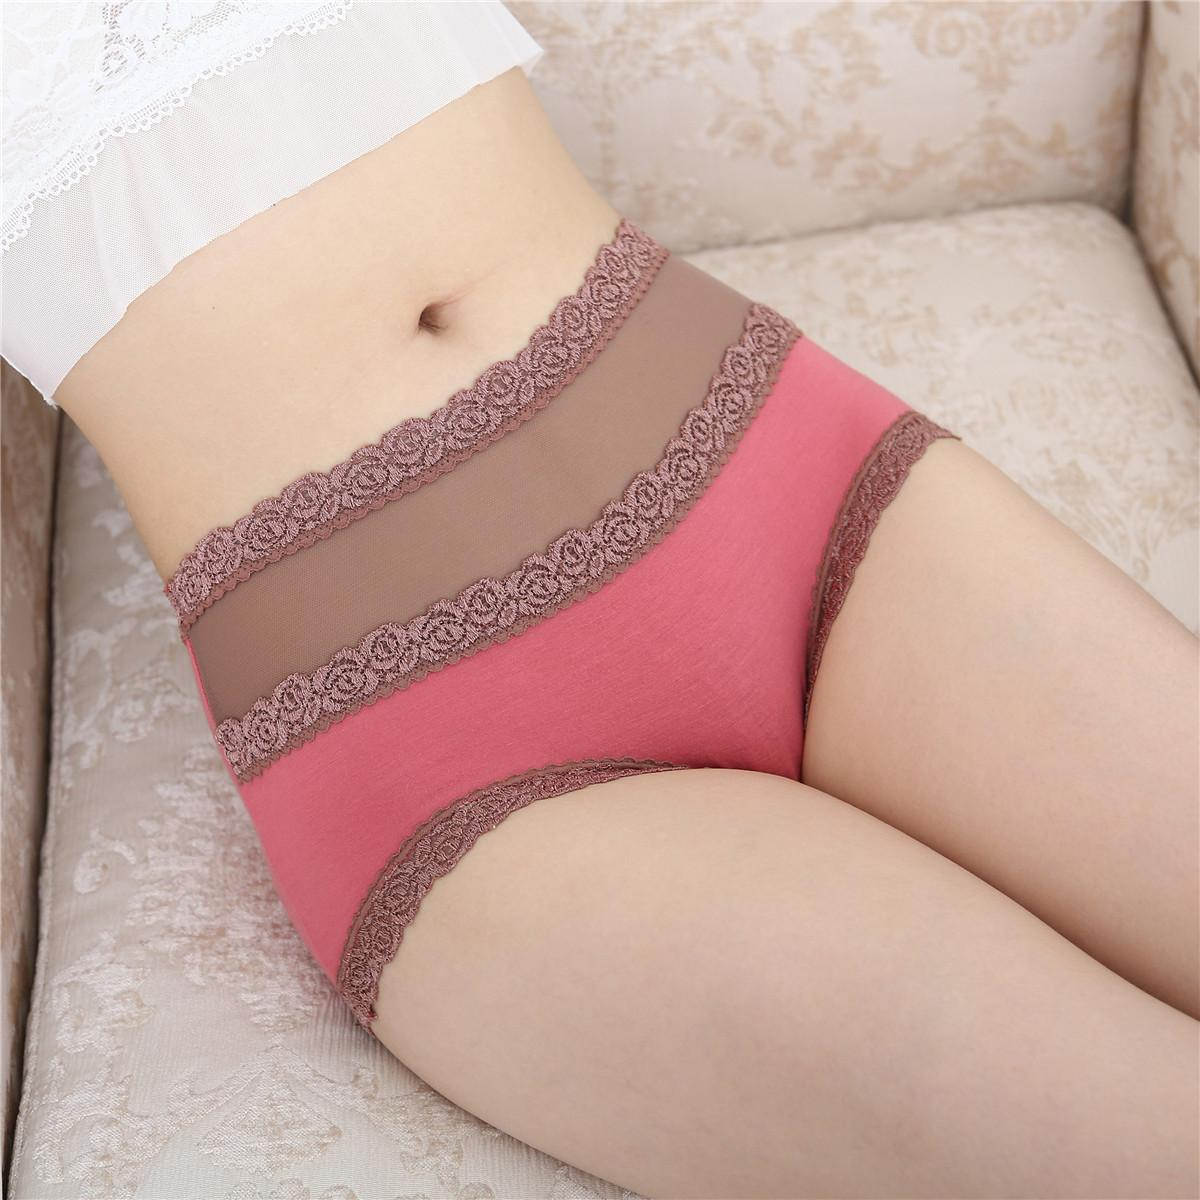 سراويل داخلية مثيرة ارتفاع الخصر السيدات الملابس الداخلية الخيزران الألياف الملابس الداخلية للسيدات مثير الرباط الملابس الداخلية ملخصات اللون الصلبة